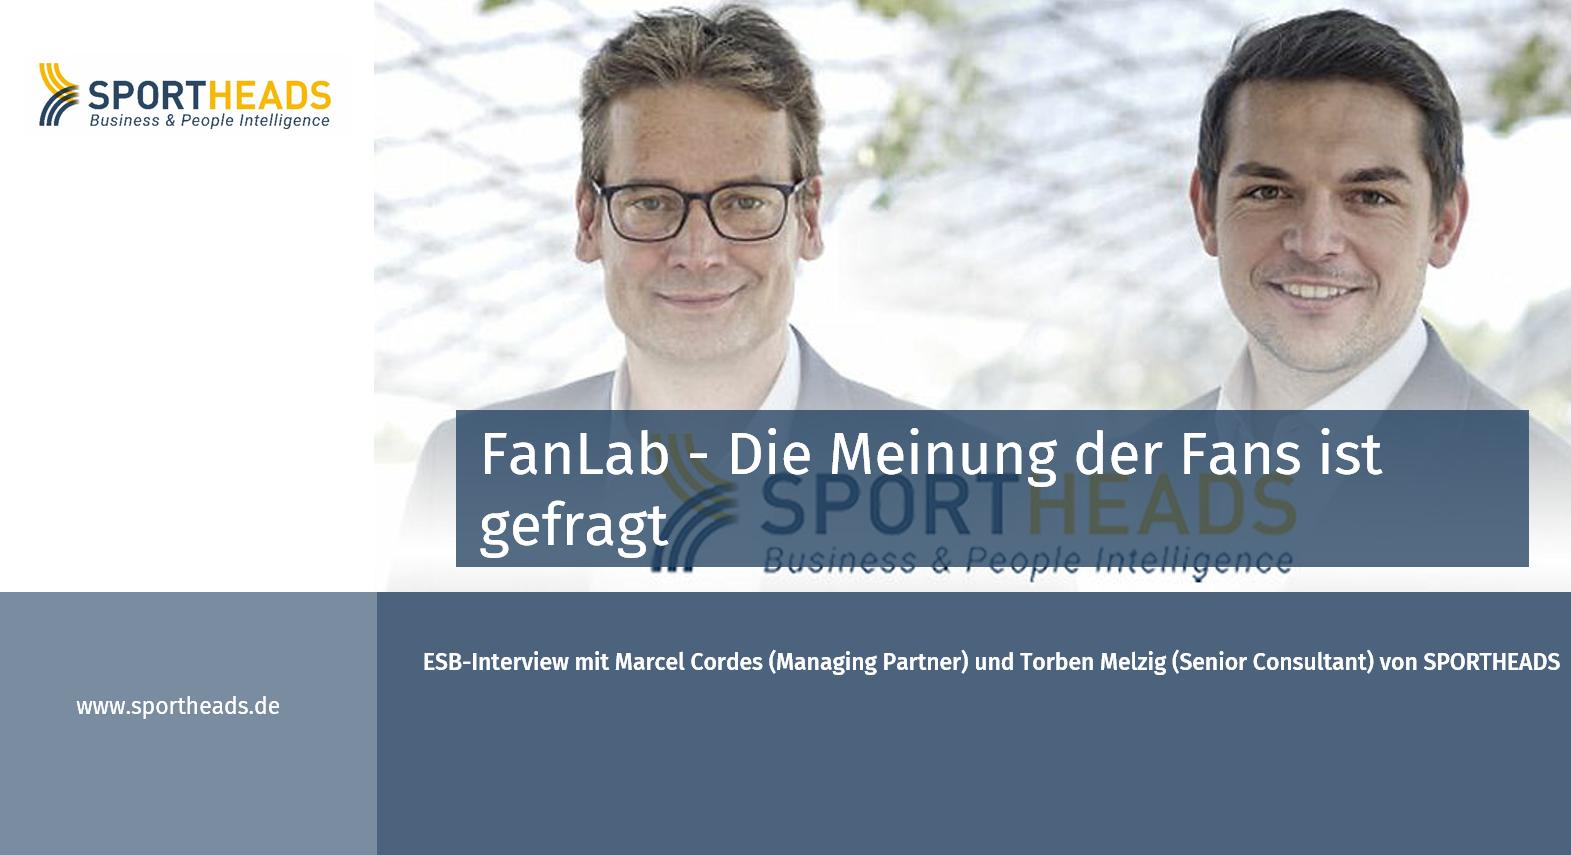 ESB-Interview: FanLab – Die Meinung der Fans ist gefragt